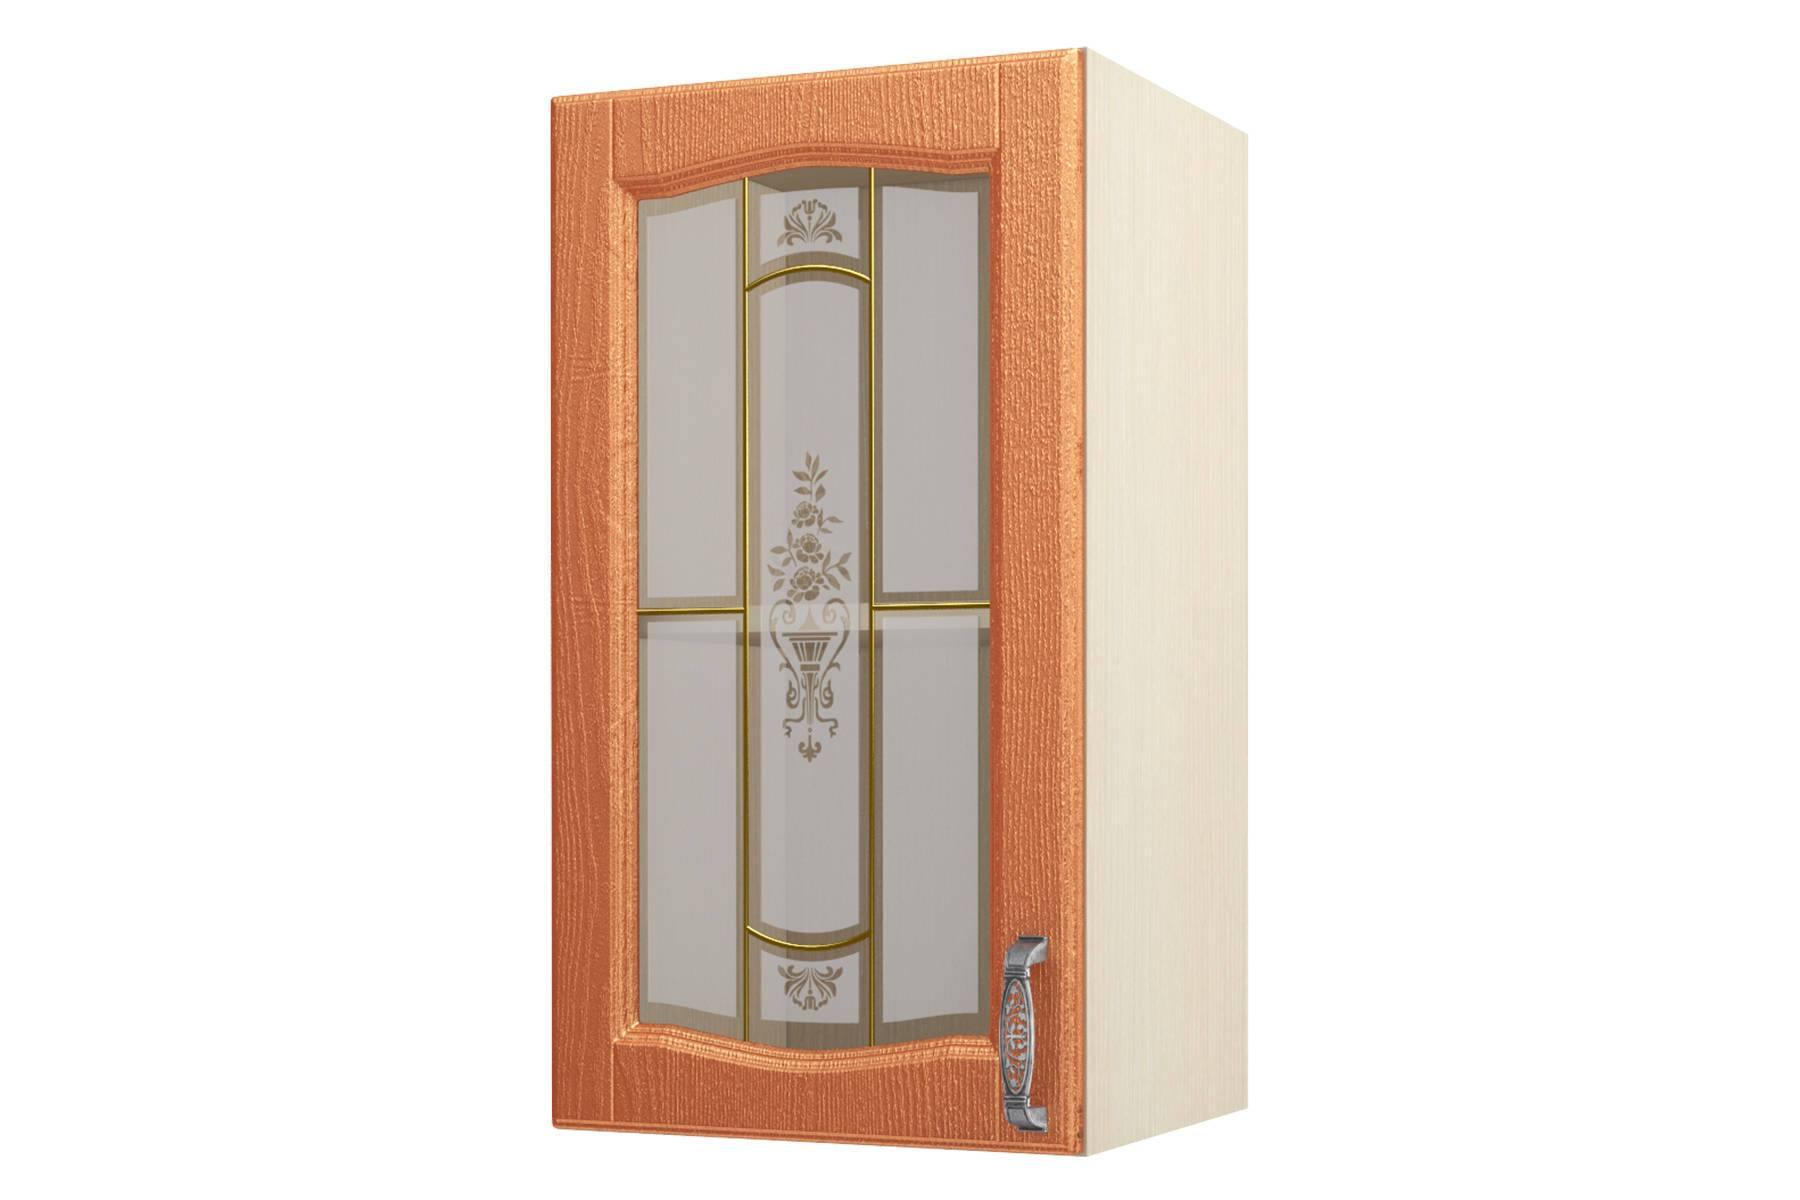 Равенна ART Шкаф-витрина 40, 1 дверь шкаф изотта 23к дверь правая ангстрем